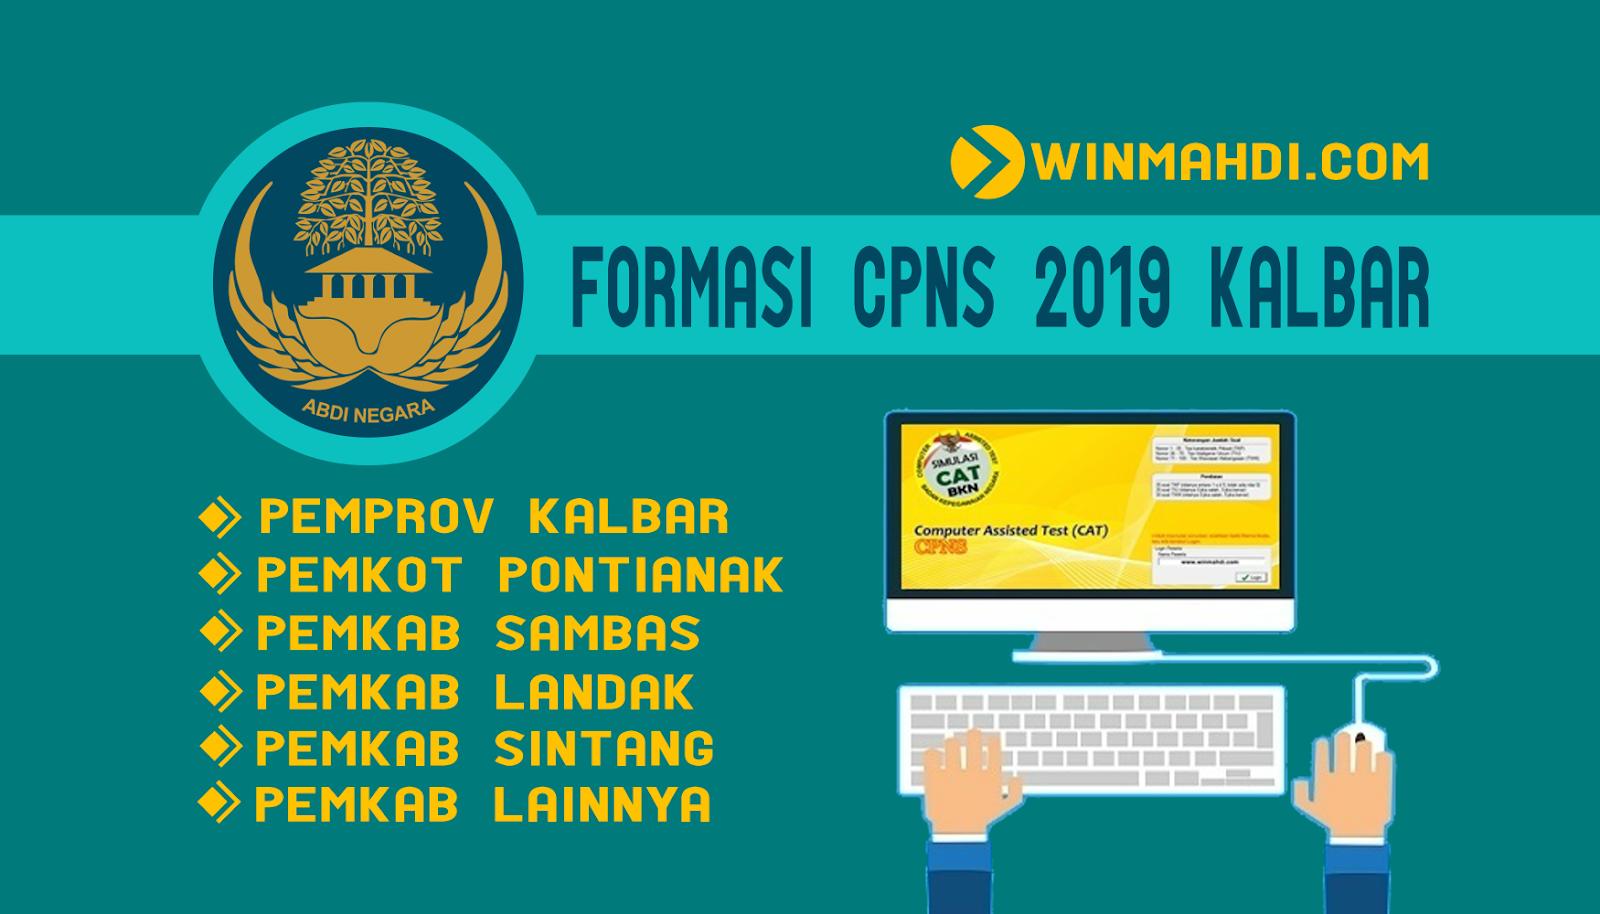 Daftar Formasi CPNS 2019 Kalimantan Barat